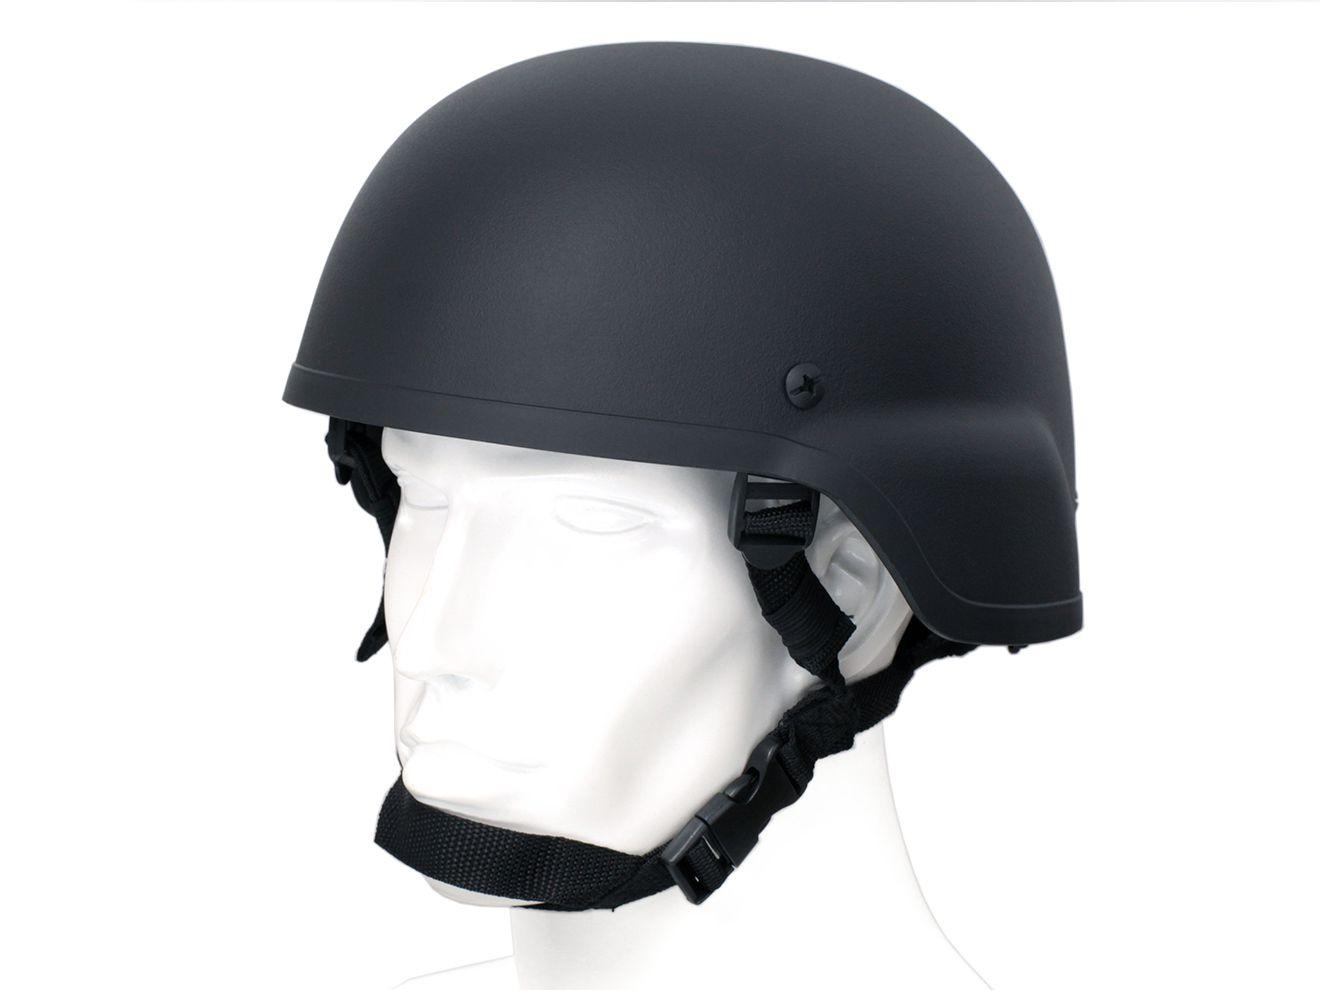 【驚愕のロープライス/カスタムベースや入門に】MICH2000タイプヘルメット(Thin ABS)/BK◆超軽量/SWAT装備に!サバゲー&コスプレに!